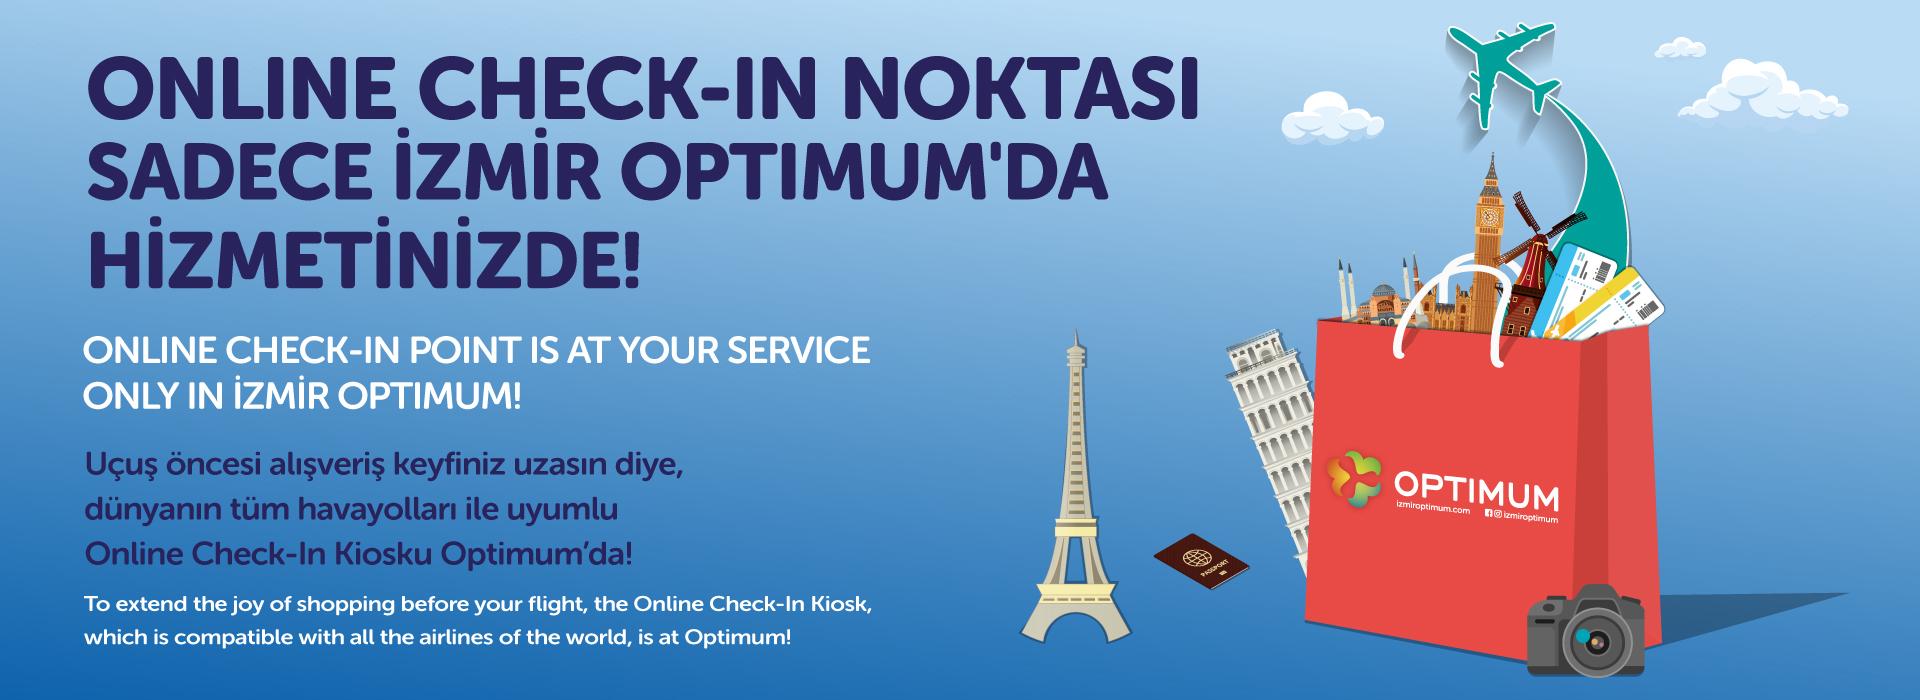 Online Check-in Noktası Sadece İzmir Optimum'da Hizmetinizde!